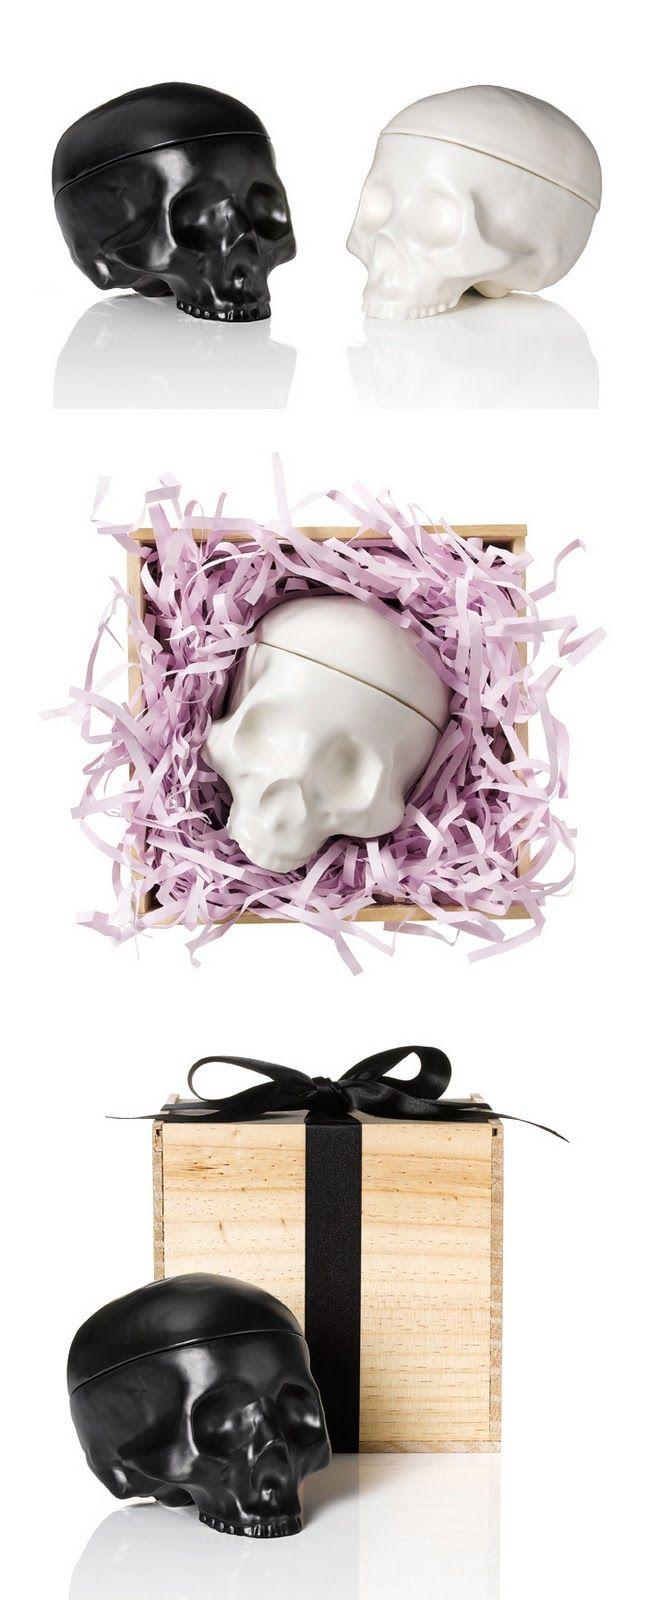 Skull jewellry box